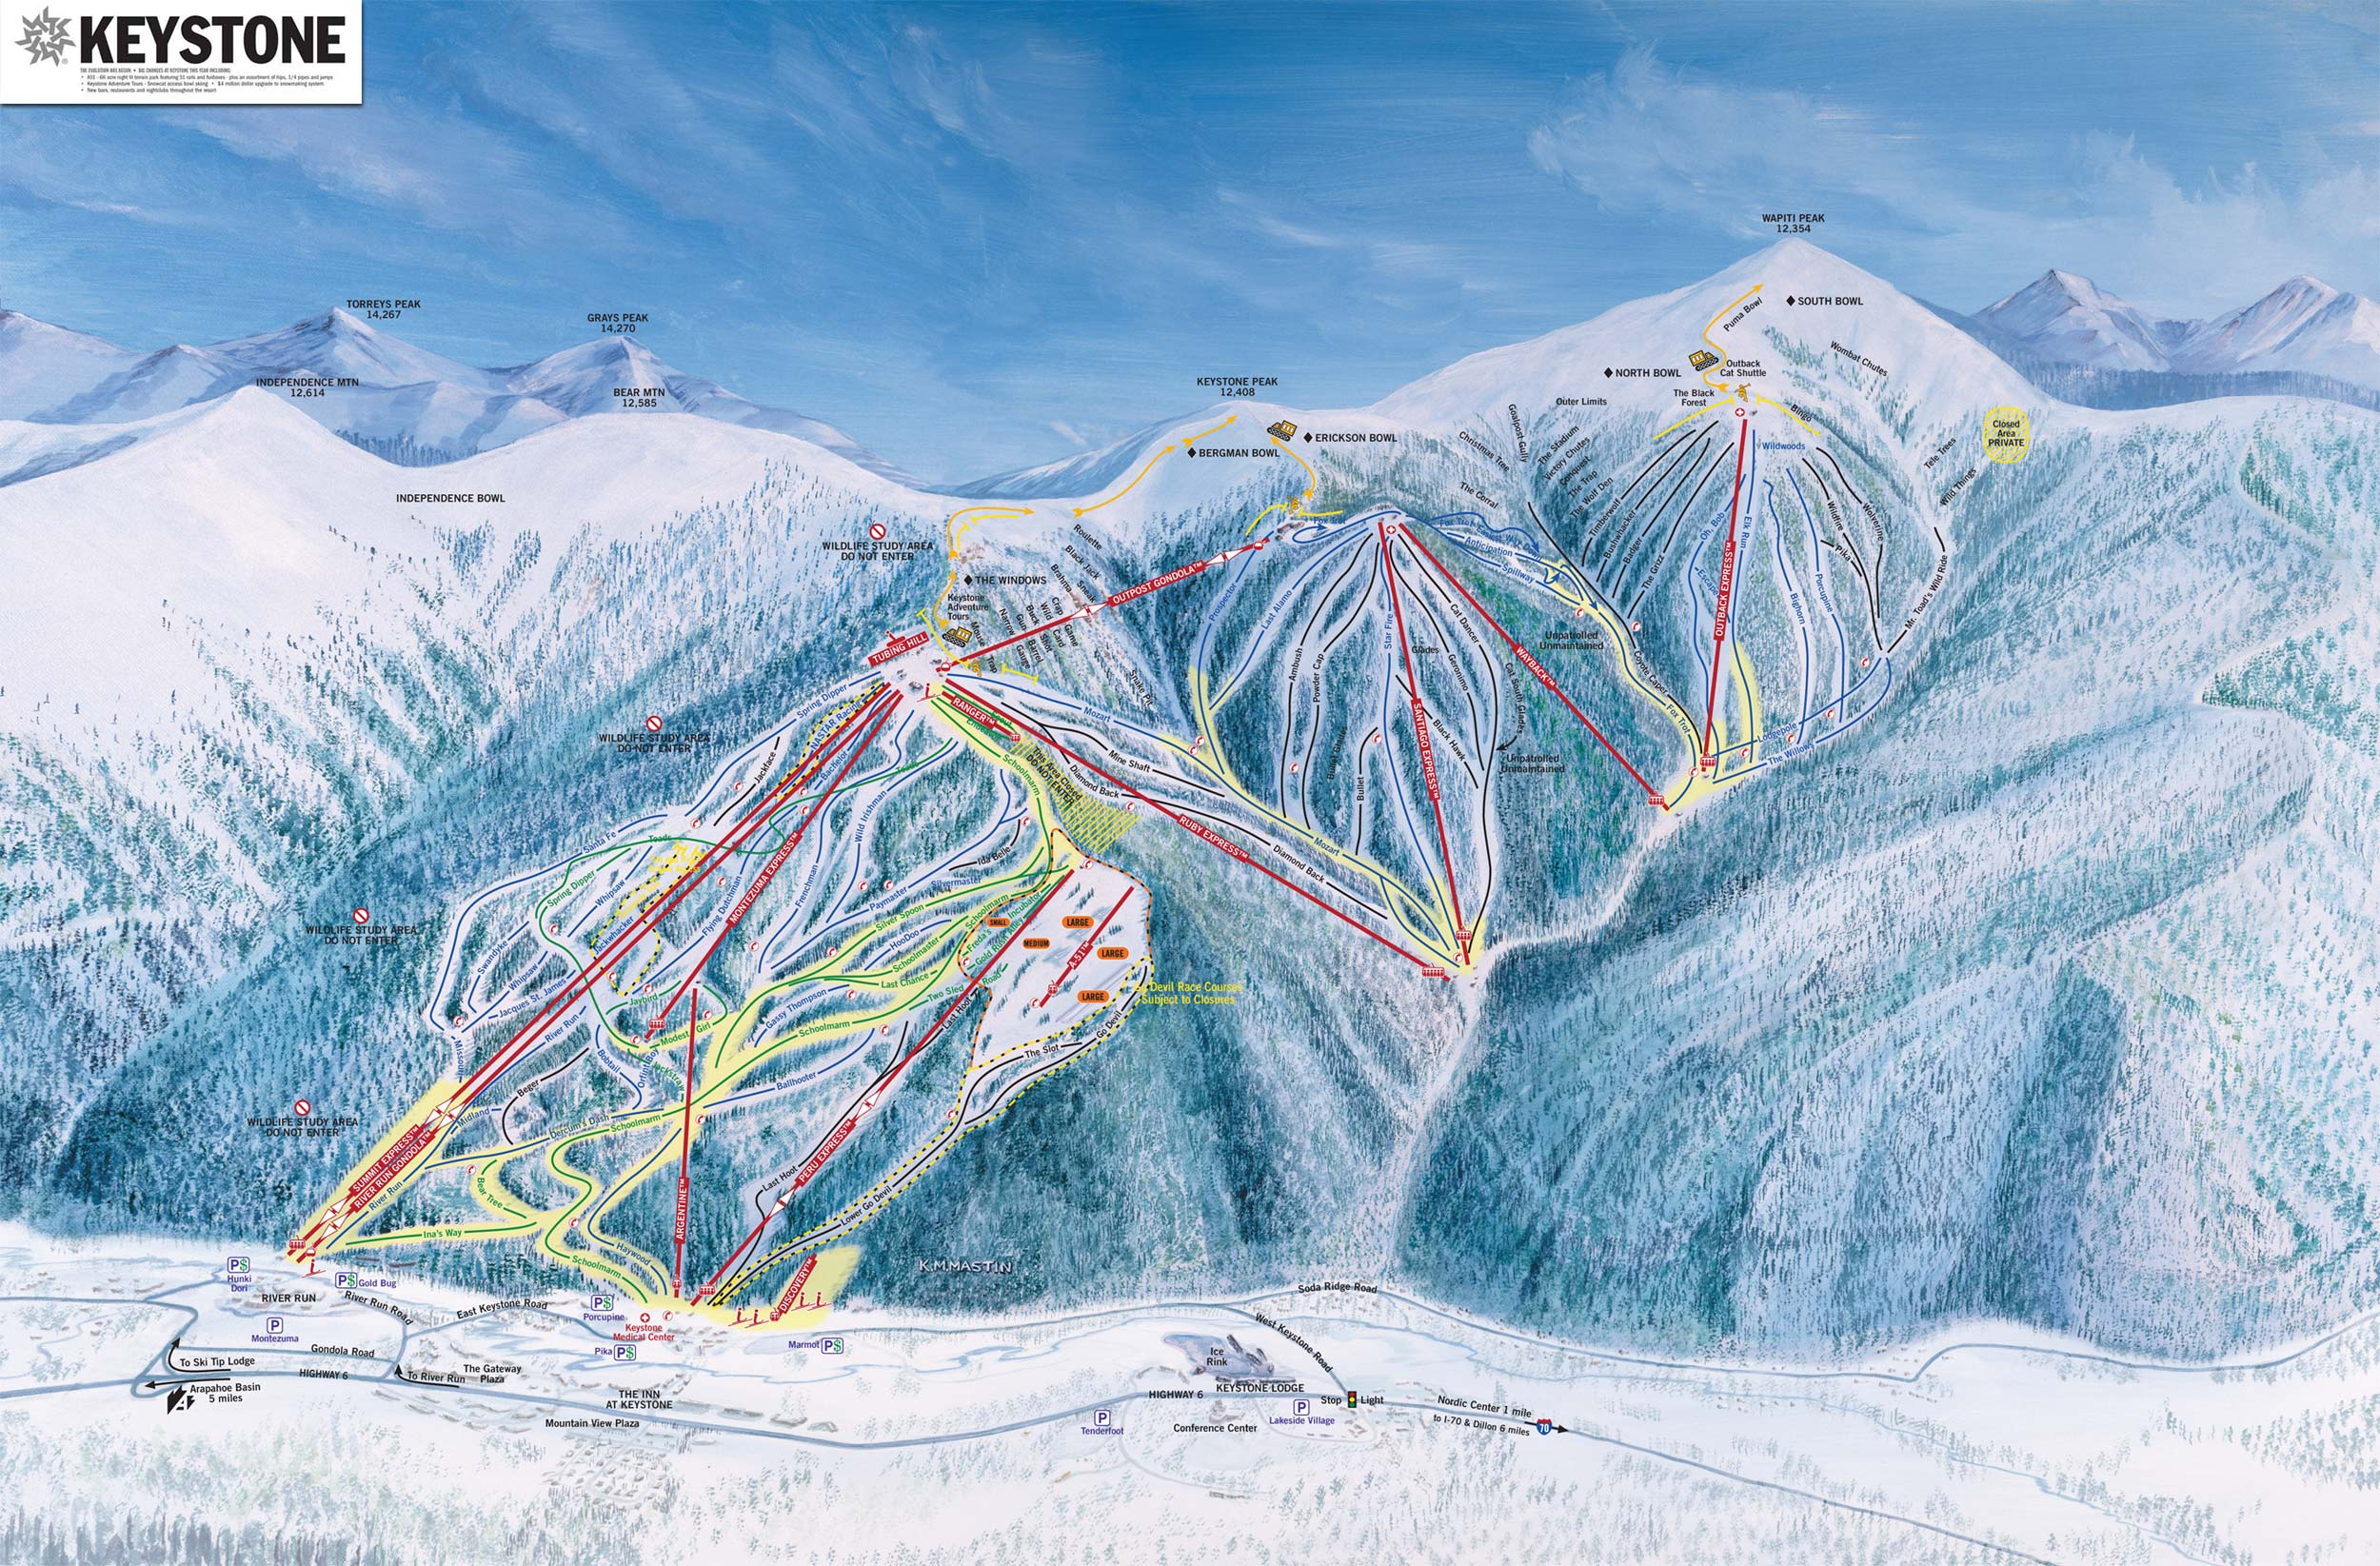 Keystone Ski Resort Guide Location Map Keystone Ski Holiday